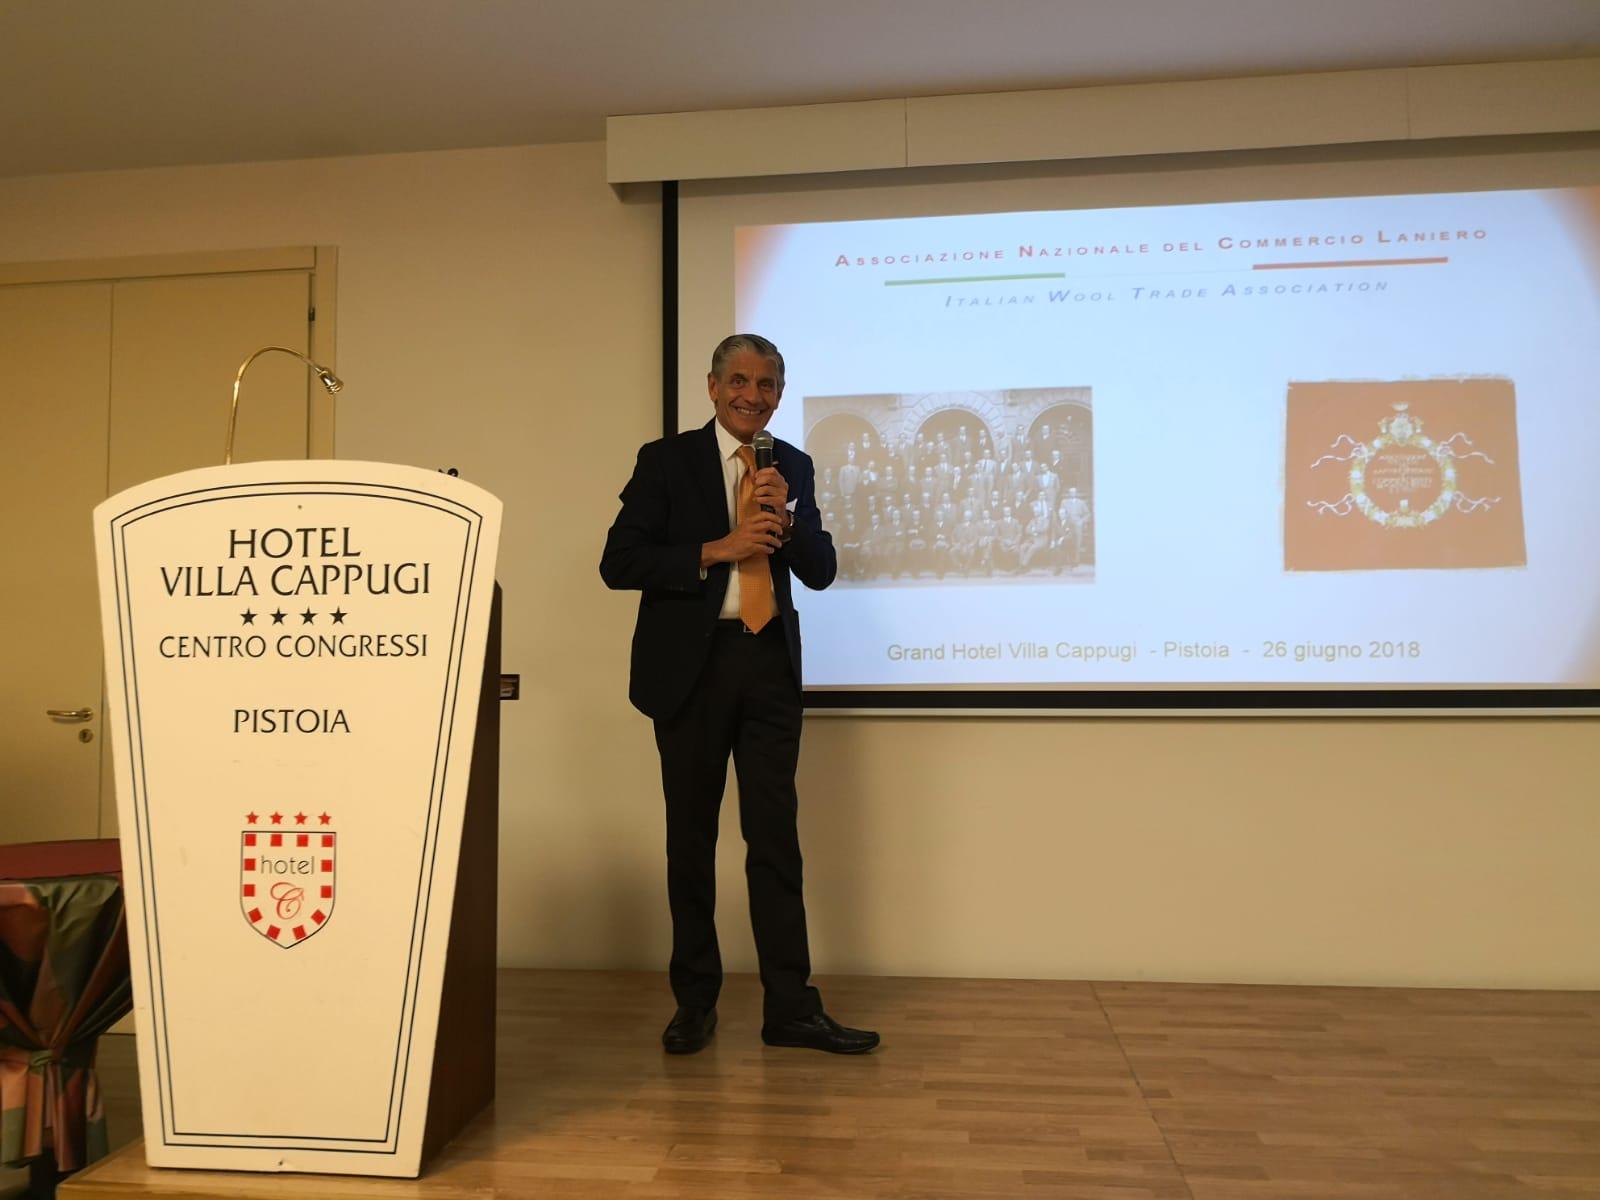 Convegno Associazione – Prato 26 giugno 2018